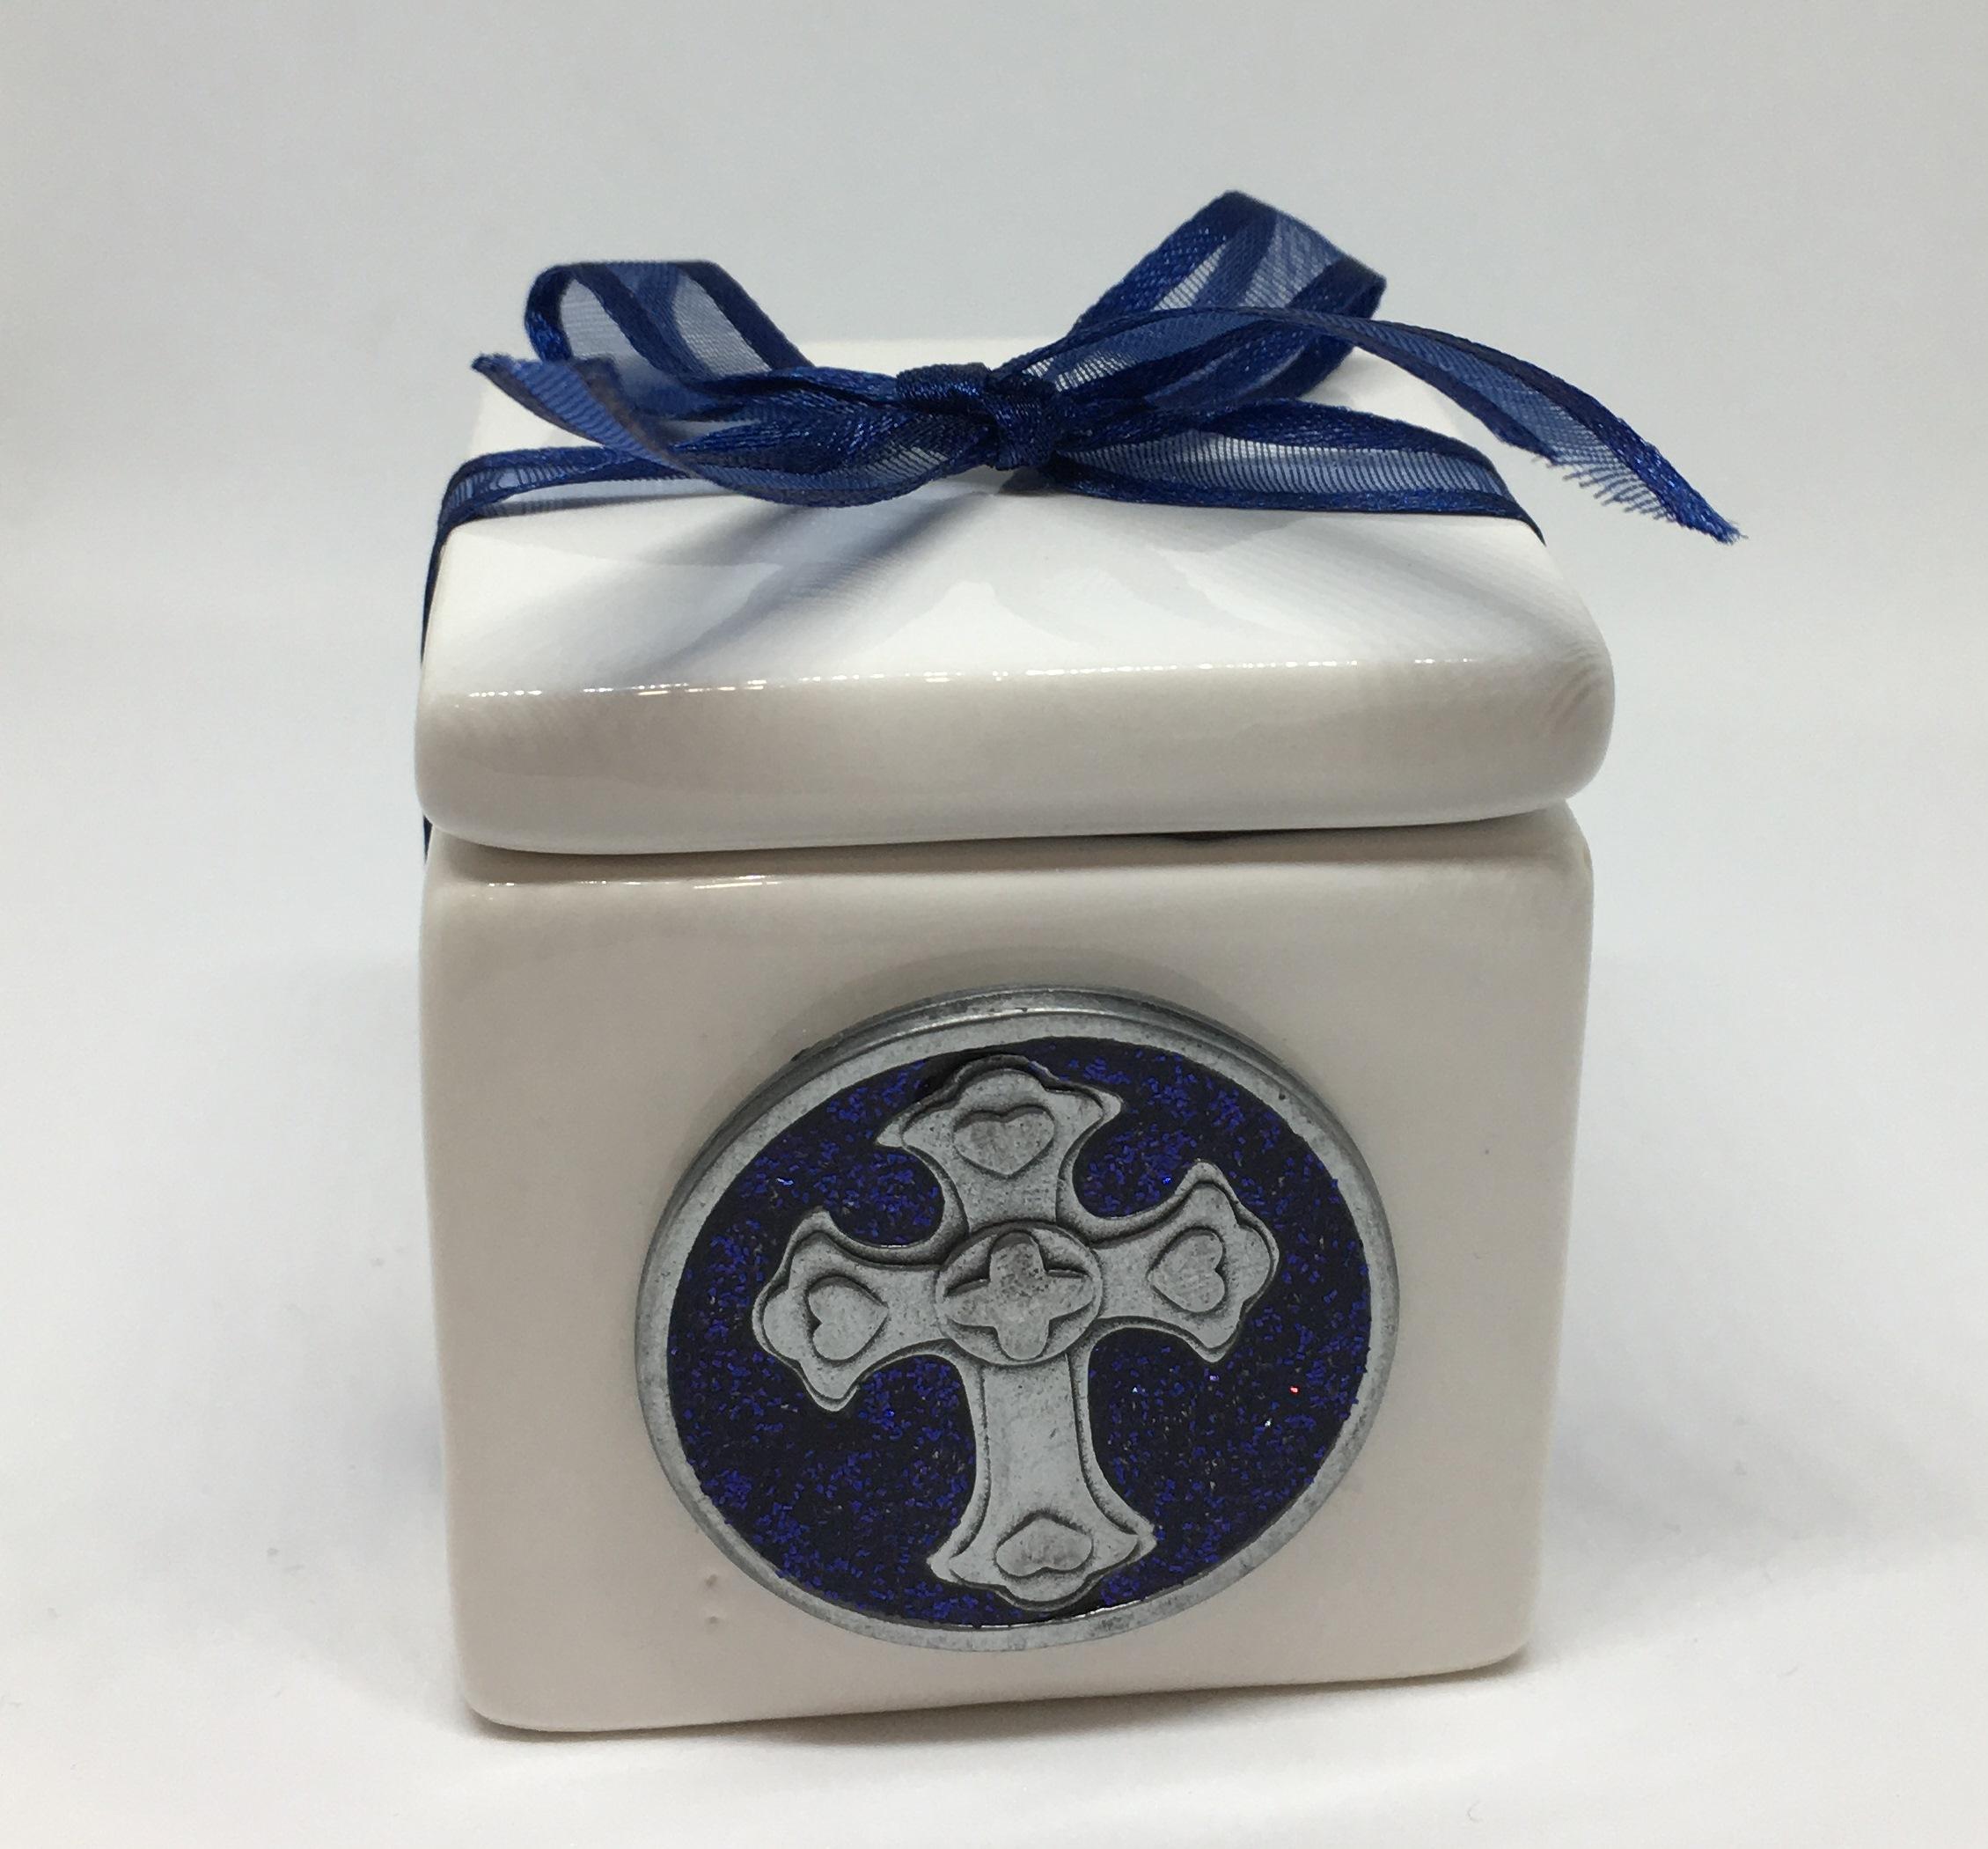 Ceramic trinket with Cross Token